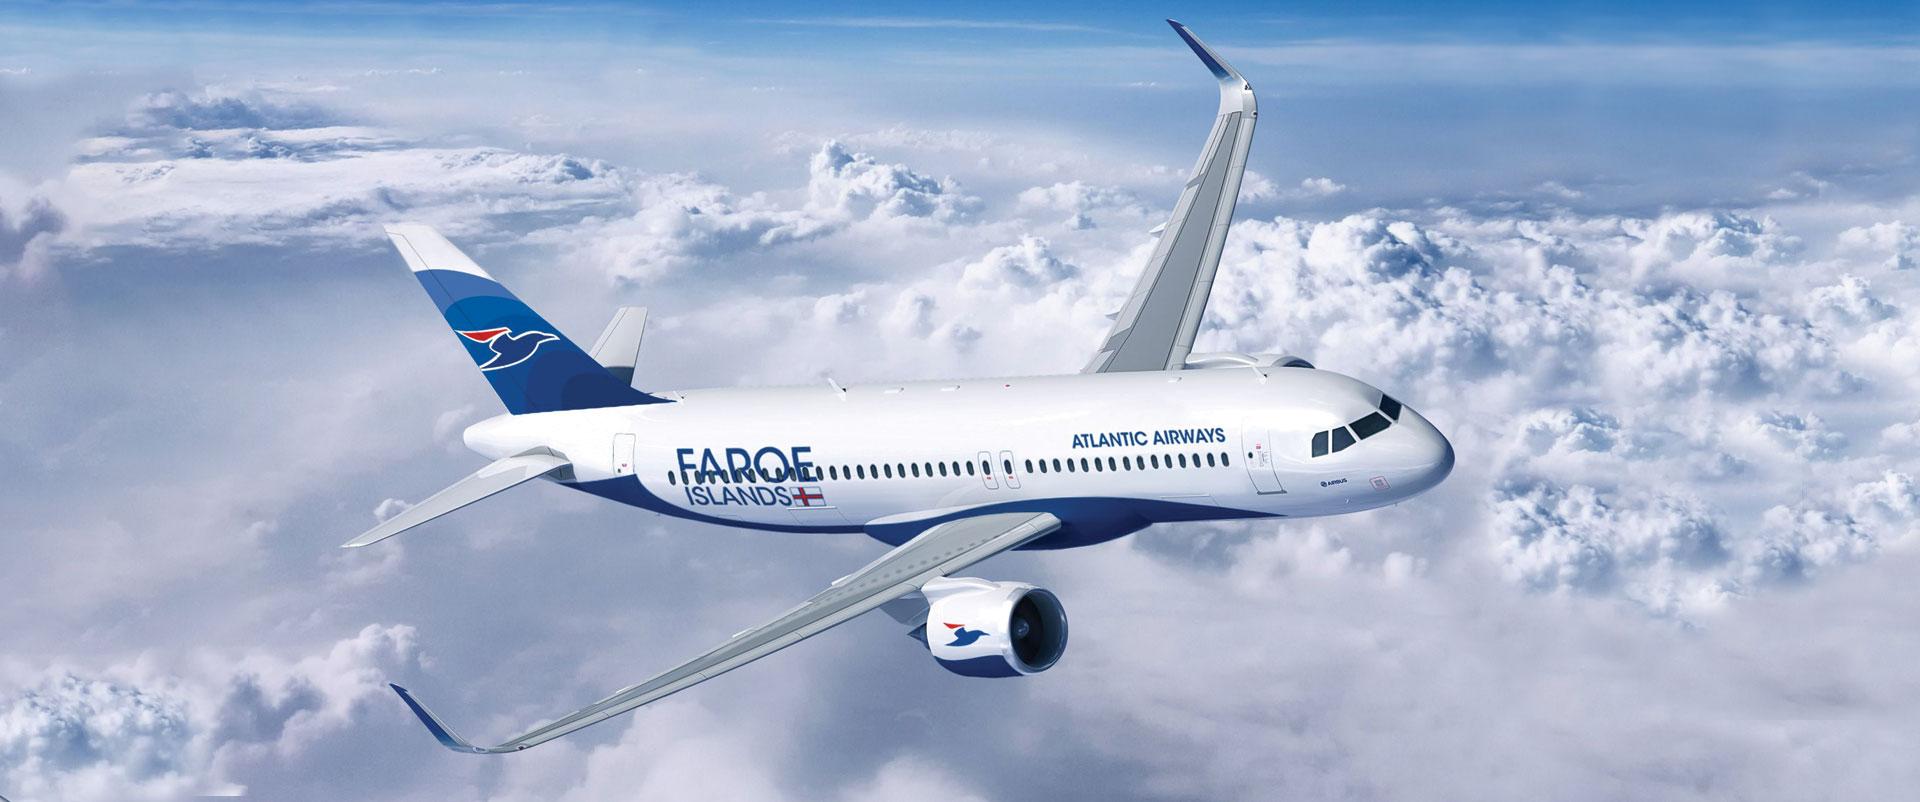 Resultado de imagen para Atlantic Airways Airbus A320neo